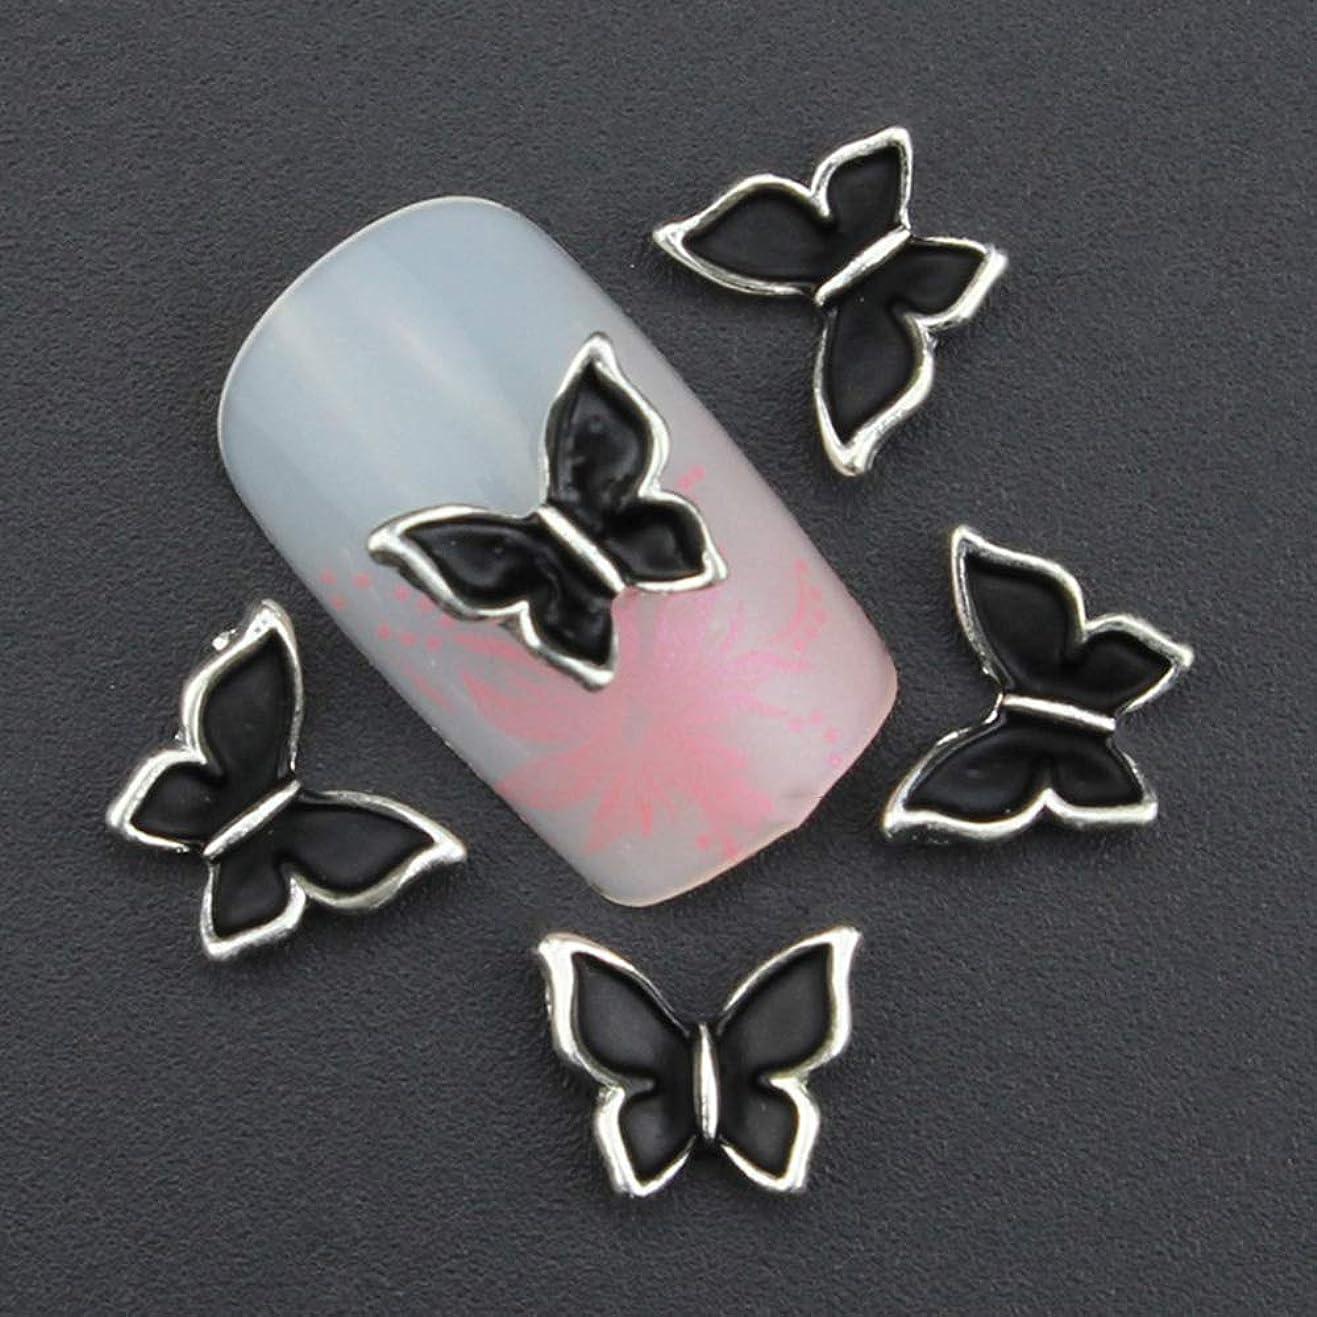 専門用語学習者迷惑10個入り蝶ネイルアートラインストーンの装飾ハロウィーンの3D合金ネイルズAccessorieギフトチャームグリッターマニキュアツール